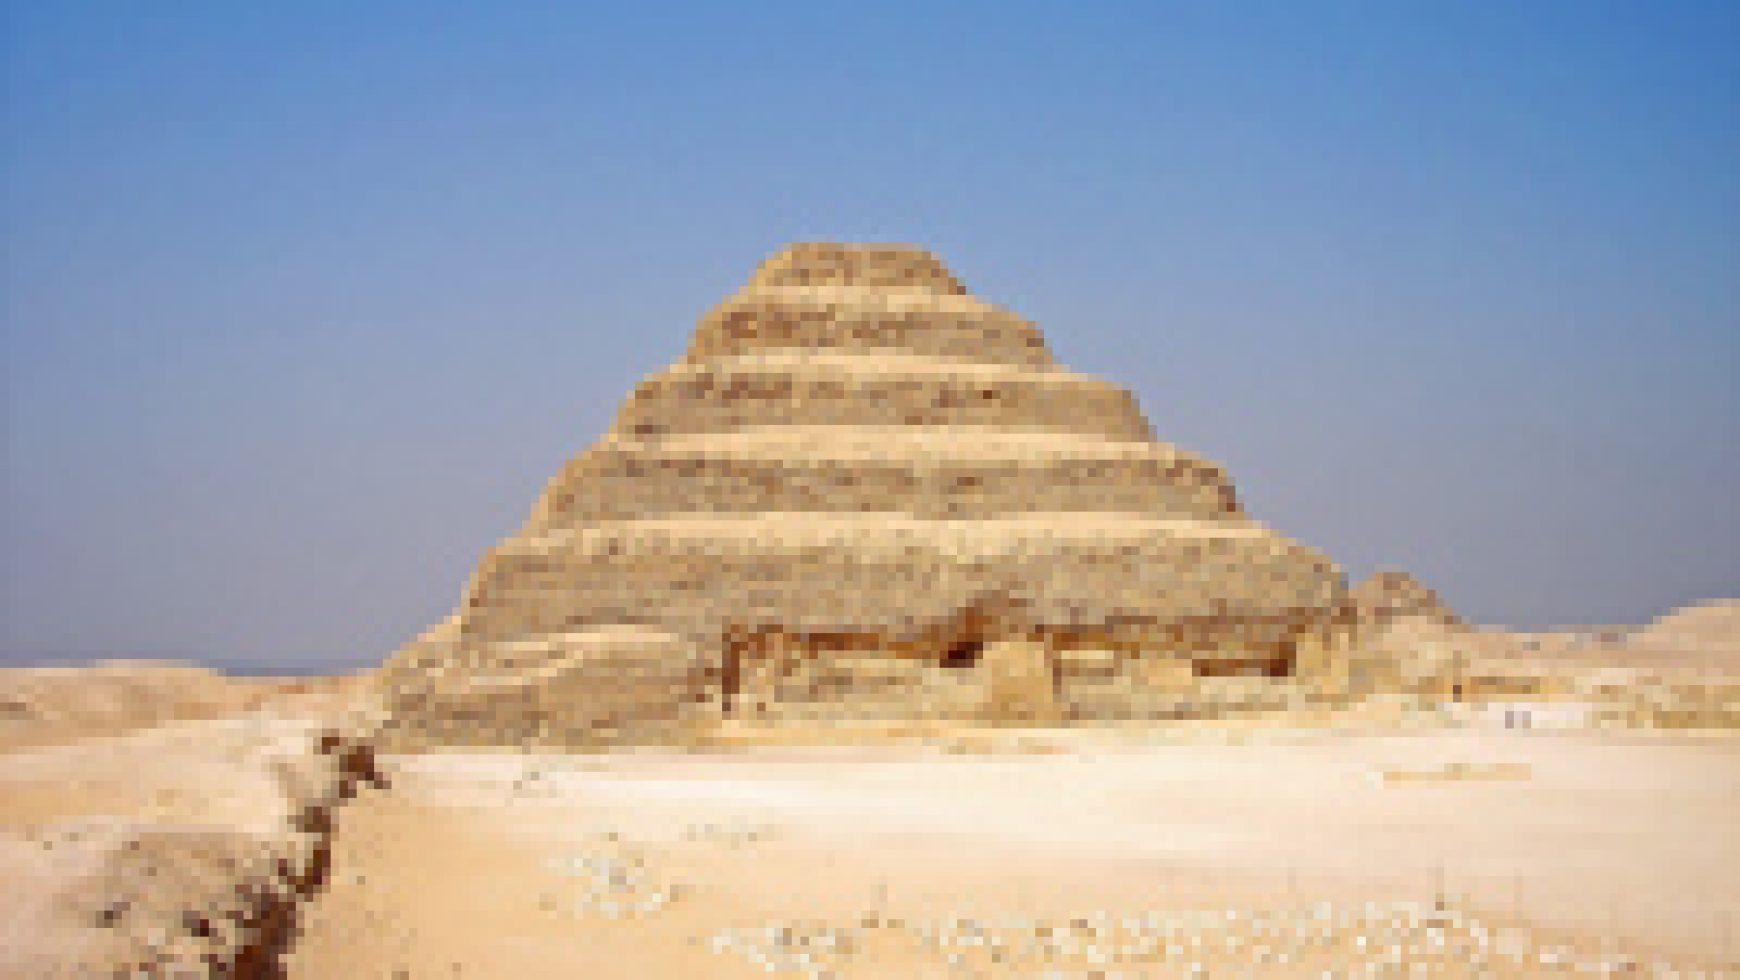 Aardeheling 2: Saqqara